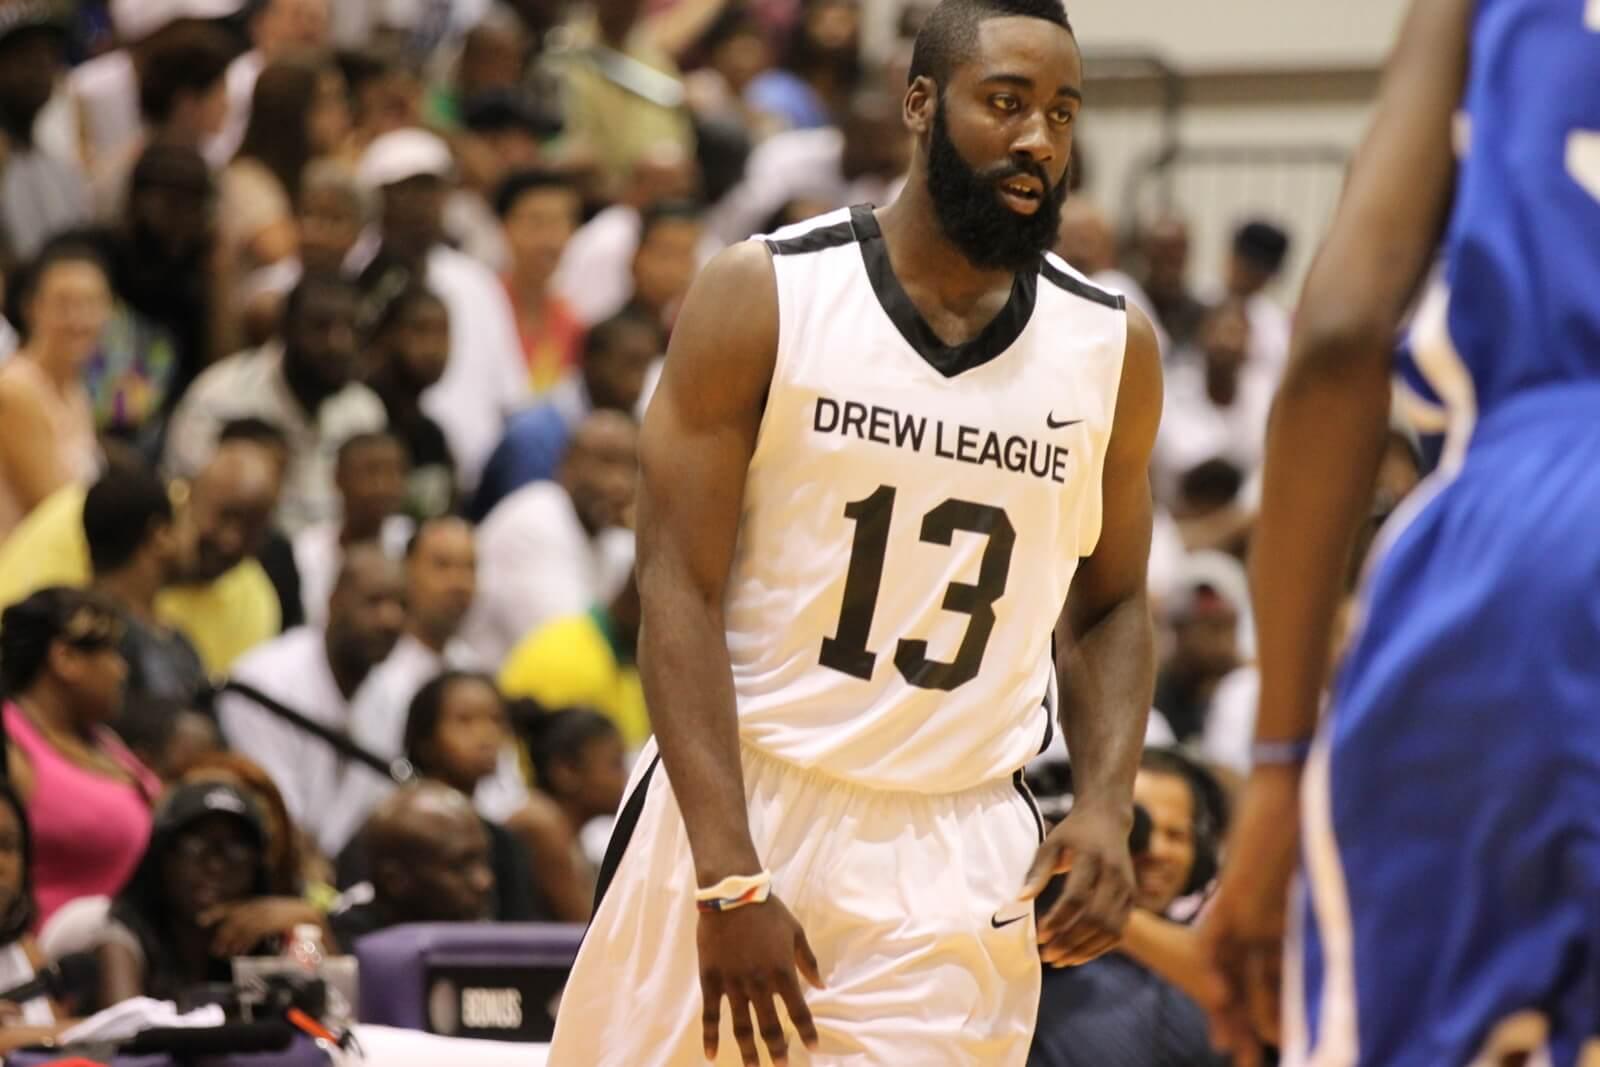 Bilde av en amerikansk basketballkamp.